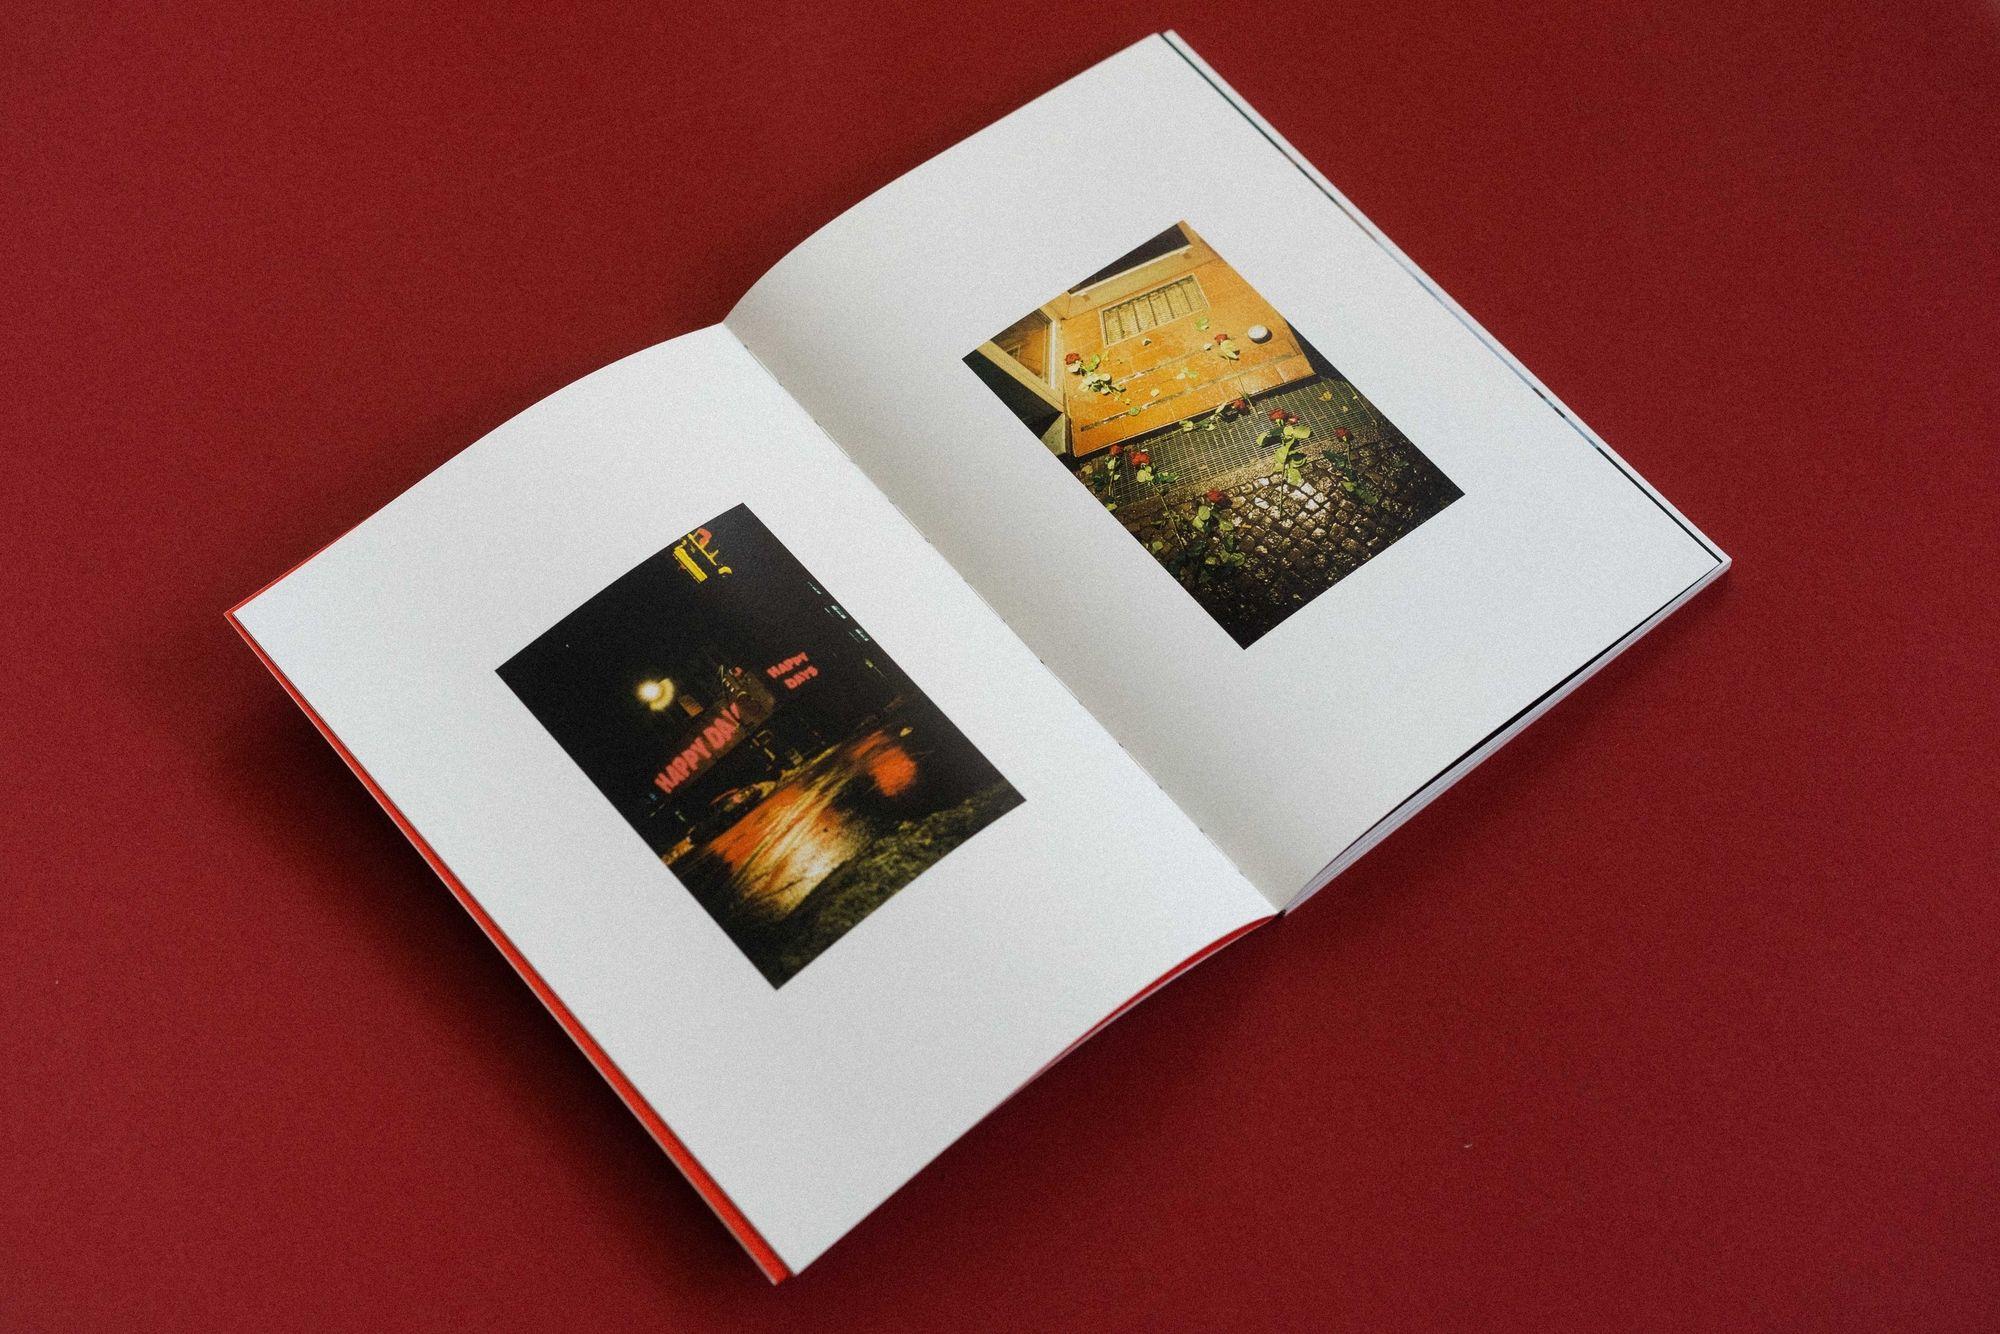 NOYES by MAX THRELFALL